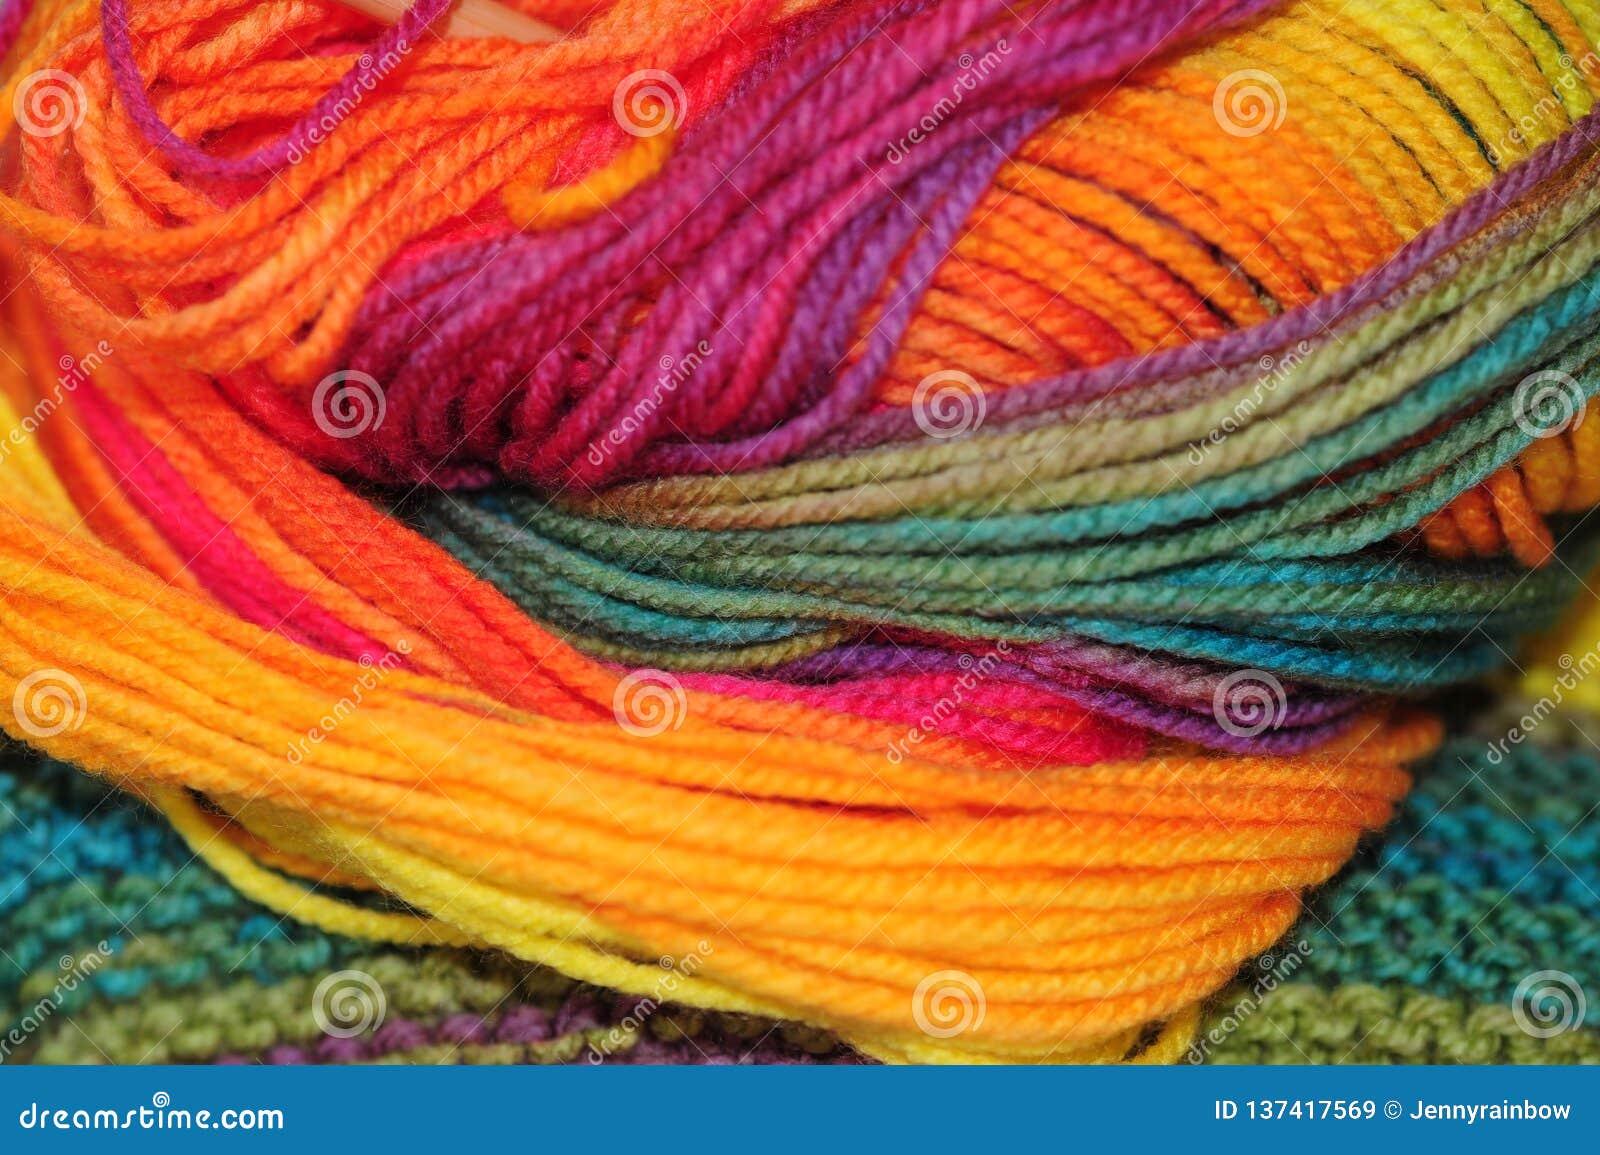 Η περίληψη του ουράνιου τόξου χρωμάτισε τα ακρυλικά πλέκοντας νήματα που τοποθετήθηκαν στο έτοιμο ύφασμα